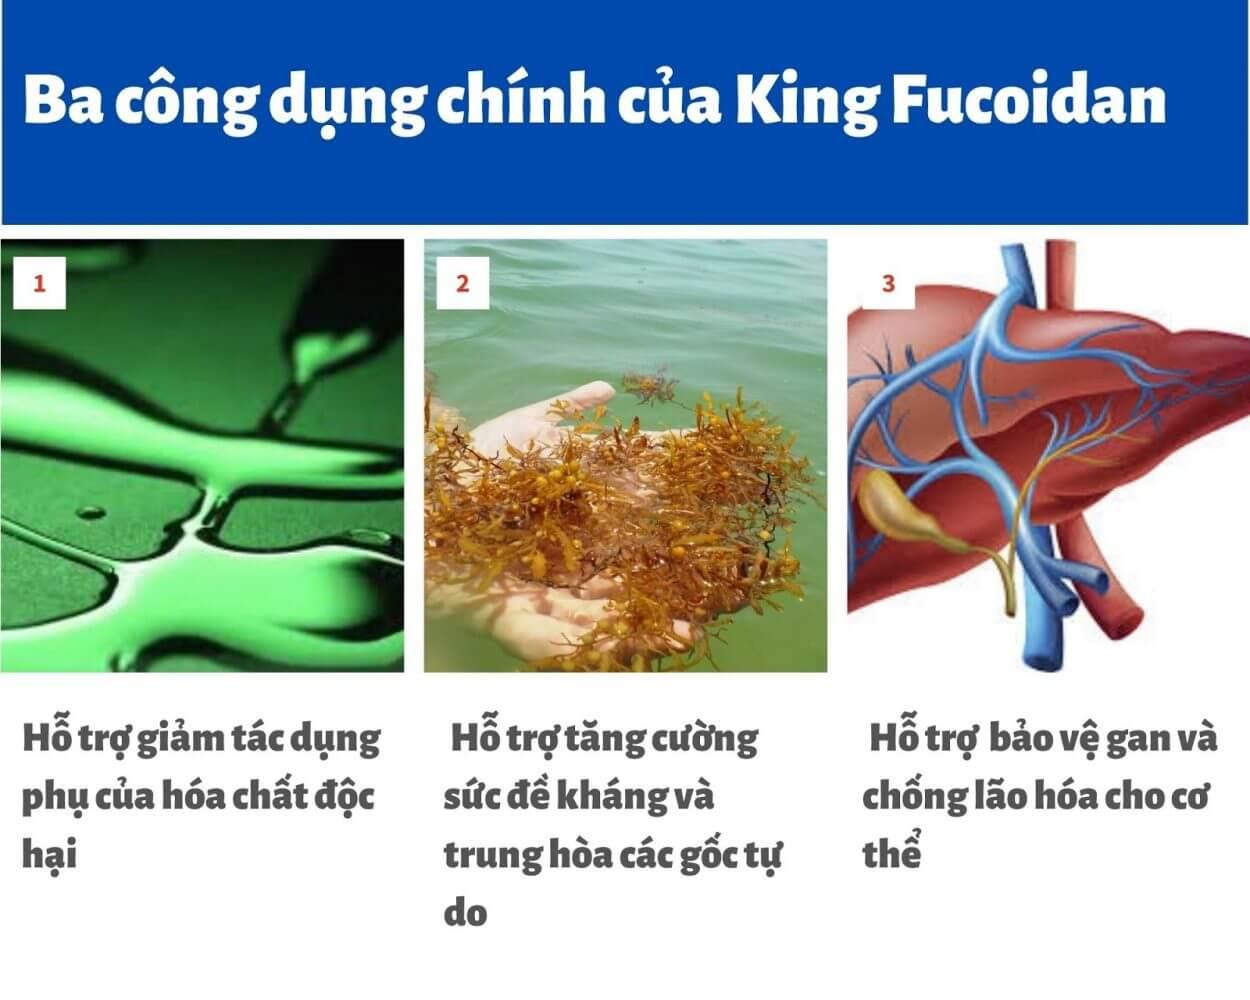 King Fucoidan & Nấm Agaricus có 3 công dụng chính cho người bệnh ung thư